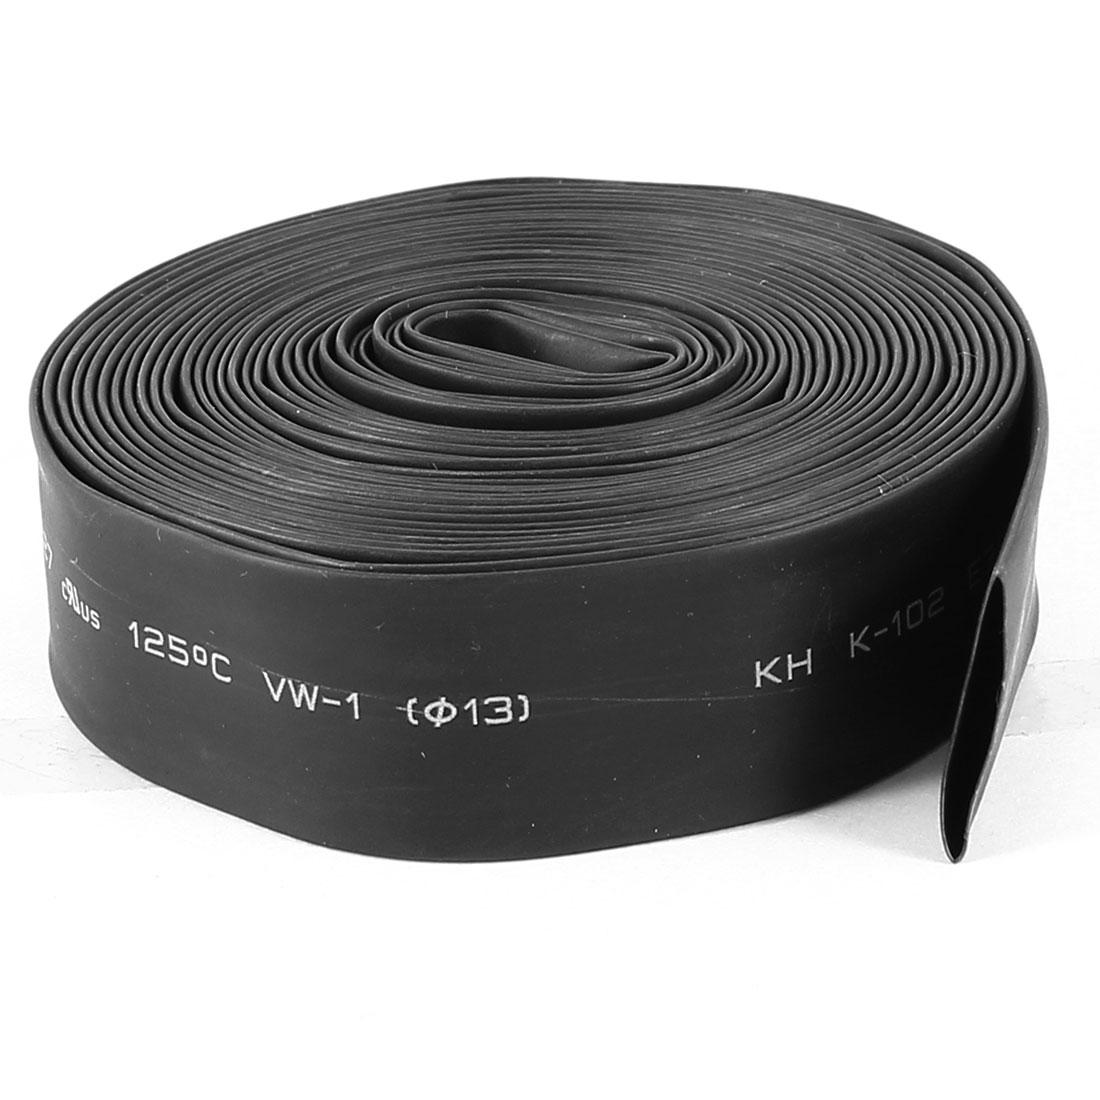 1 Meter 13mm Dia Ratio 2:1 Heat Shrinkable Shrinking Tube Black